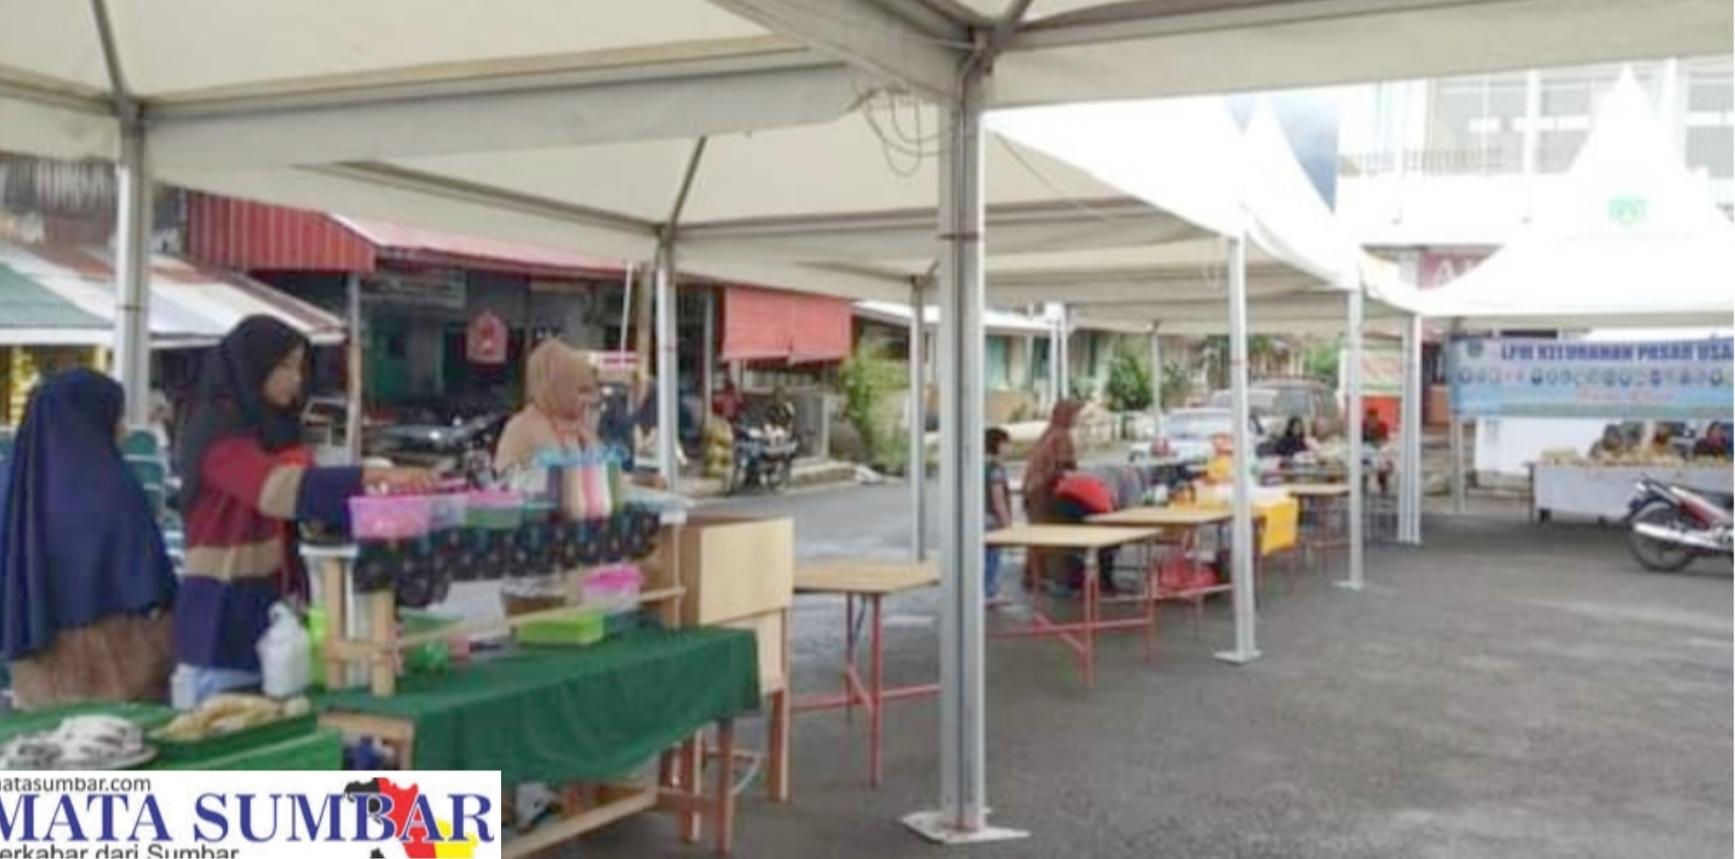 Antisipasi Keramaian, Pasar Pabukoan di Padang Panjang di Buat Strategis